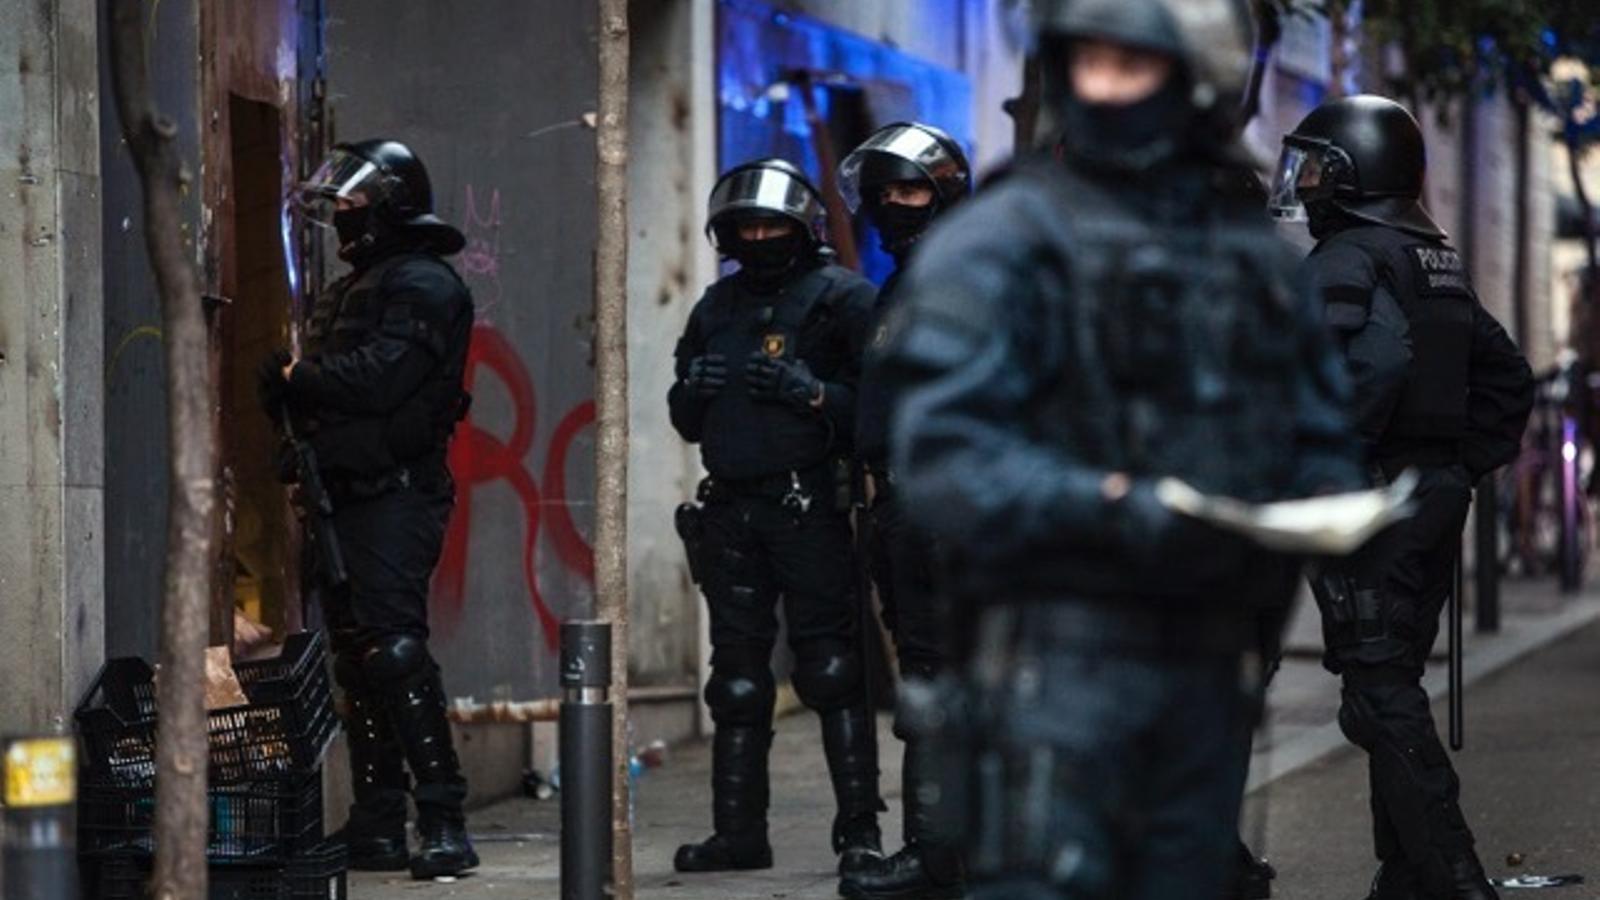 Els antiavalots de Mossos fan torns de 10 hores per l'amenaça terrorista i l'1-O